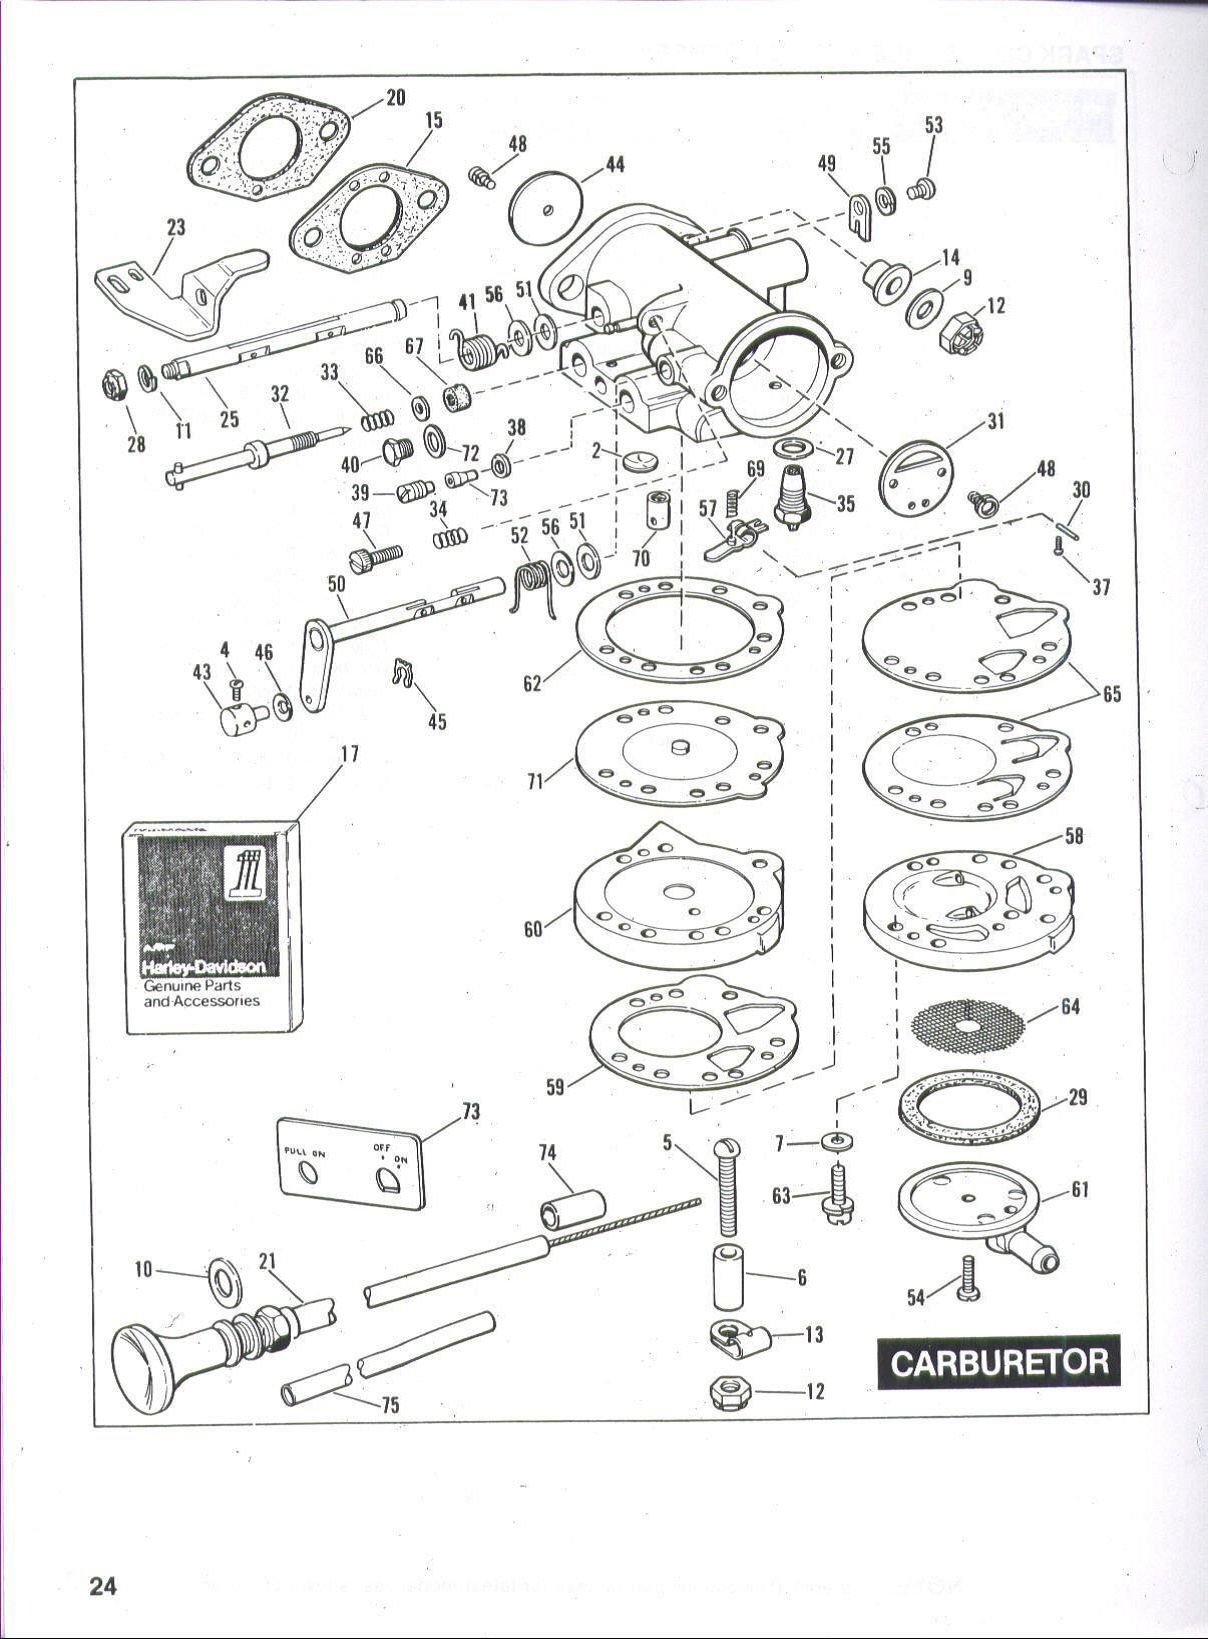 1981 harley davidson golf cart wiring diagram